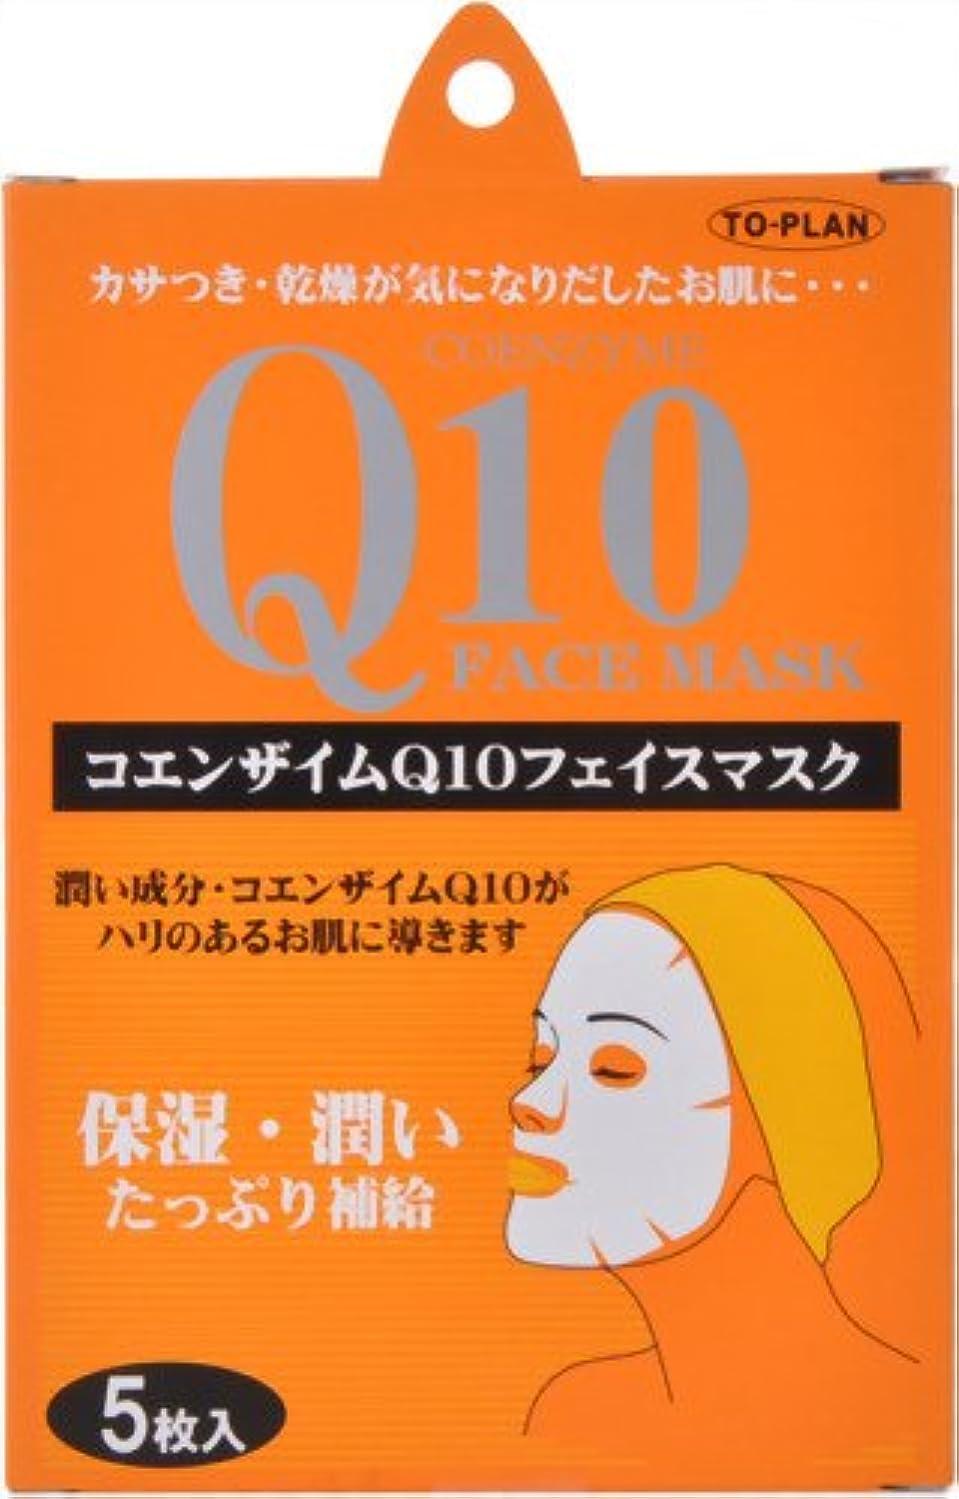 長椅子合成ハンマーTO-PLAN(トプラン) Q10フェイスマスク 5枚入り